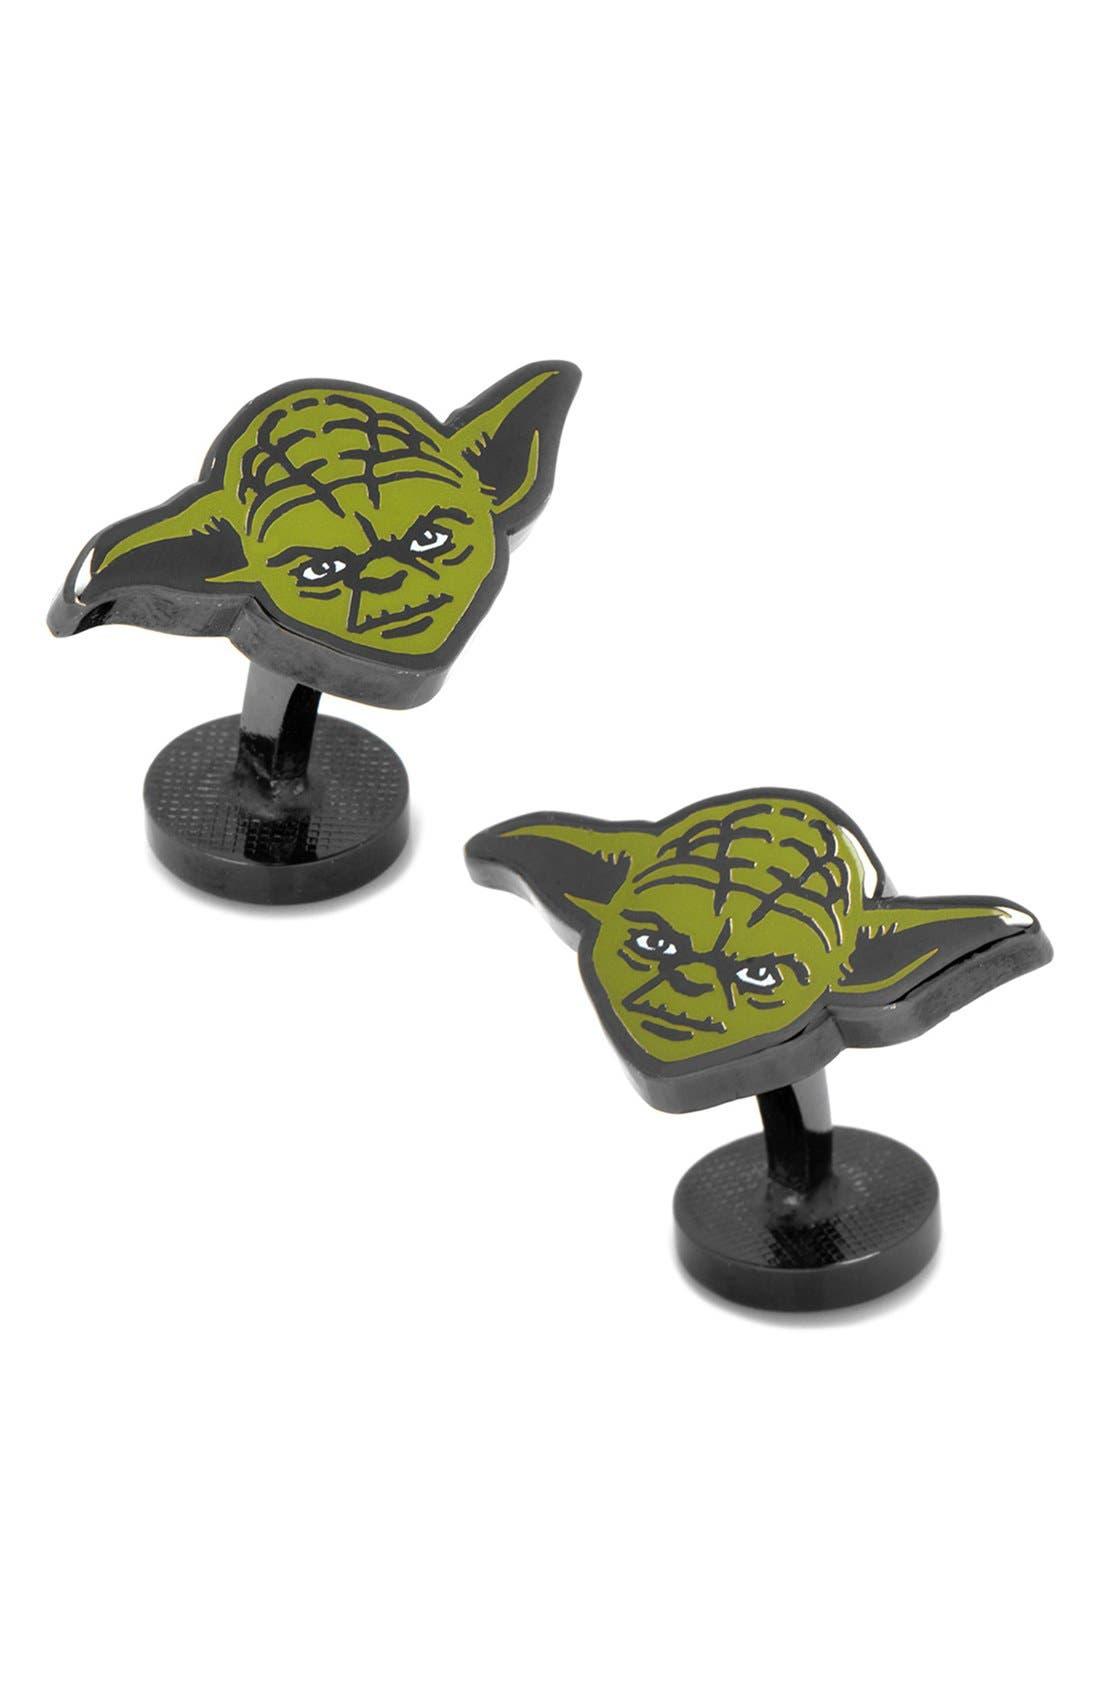 'Star Wars - Yoda' Cuff Links,                         Main,                         color, Green/ Black